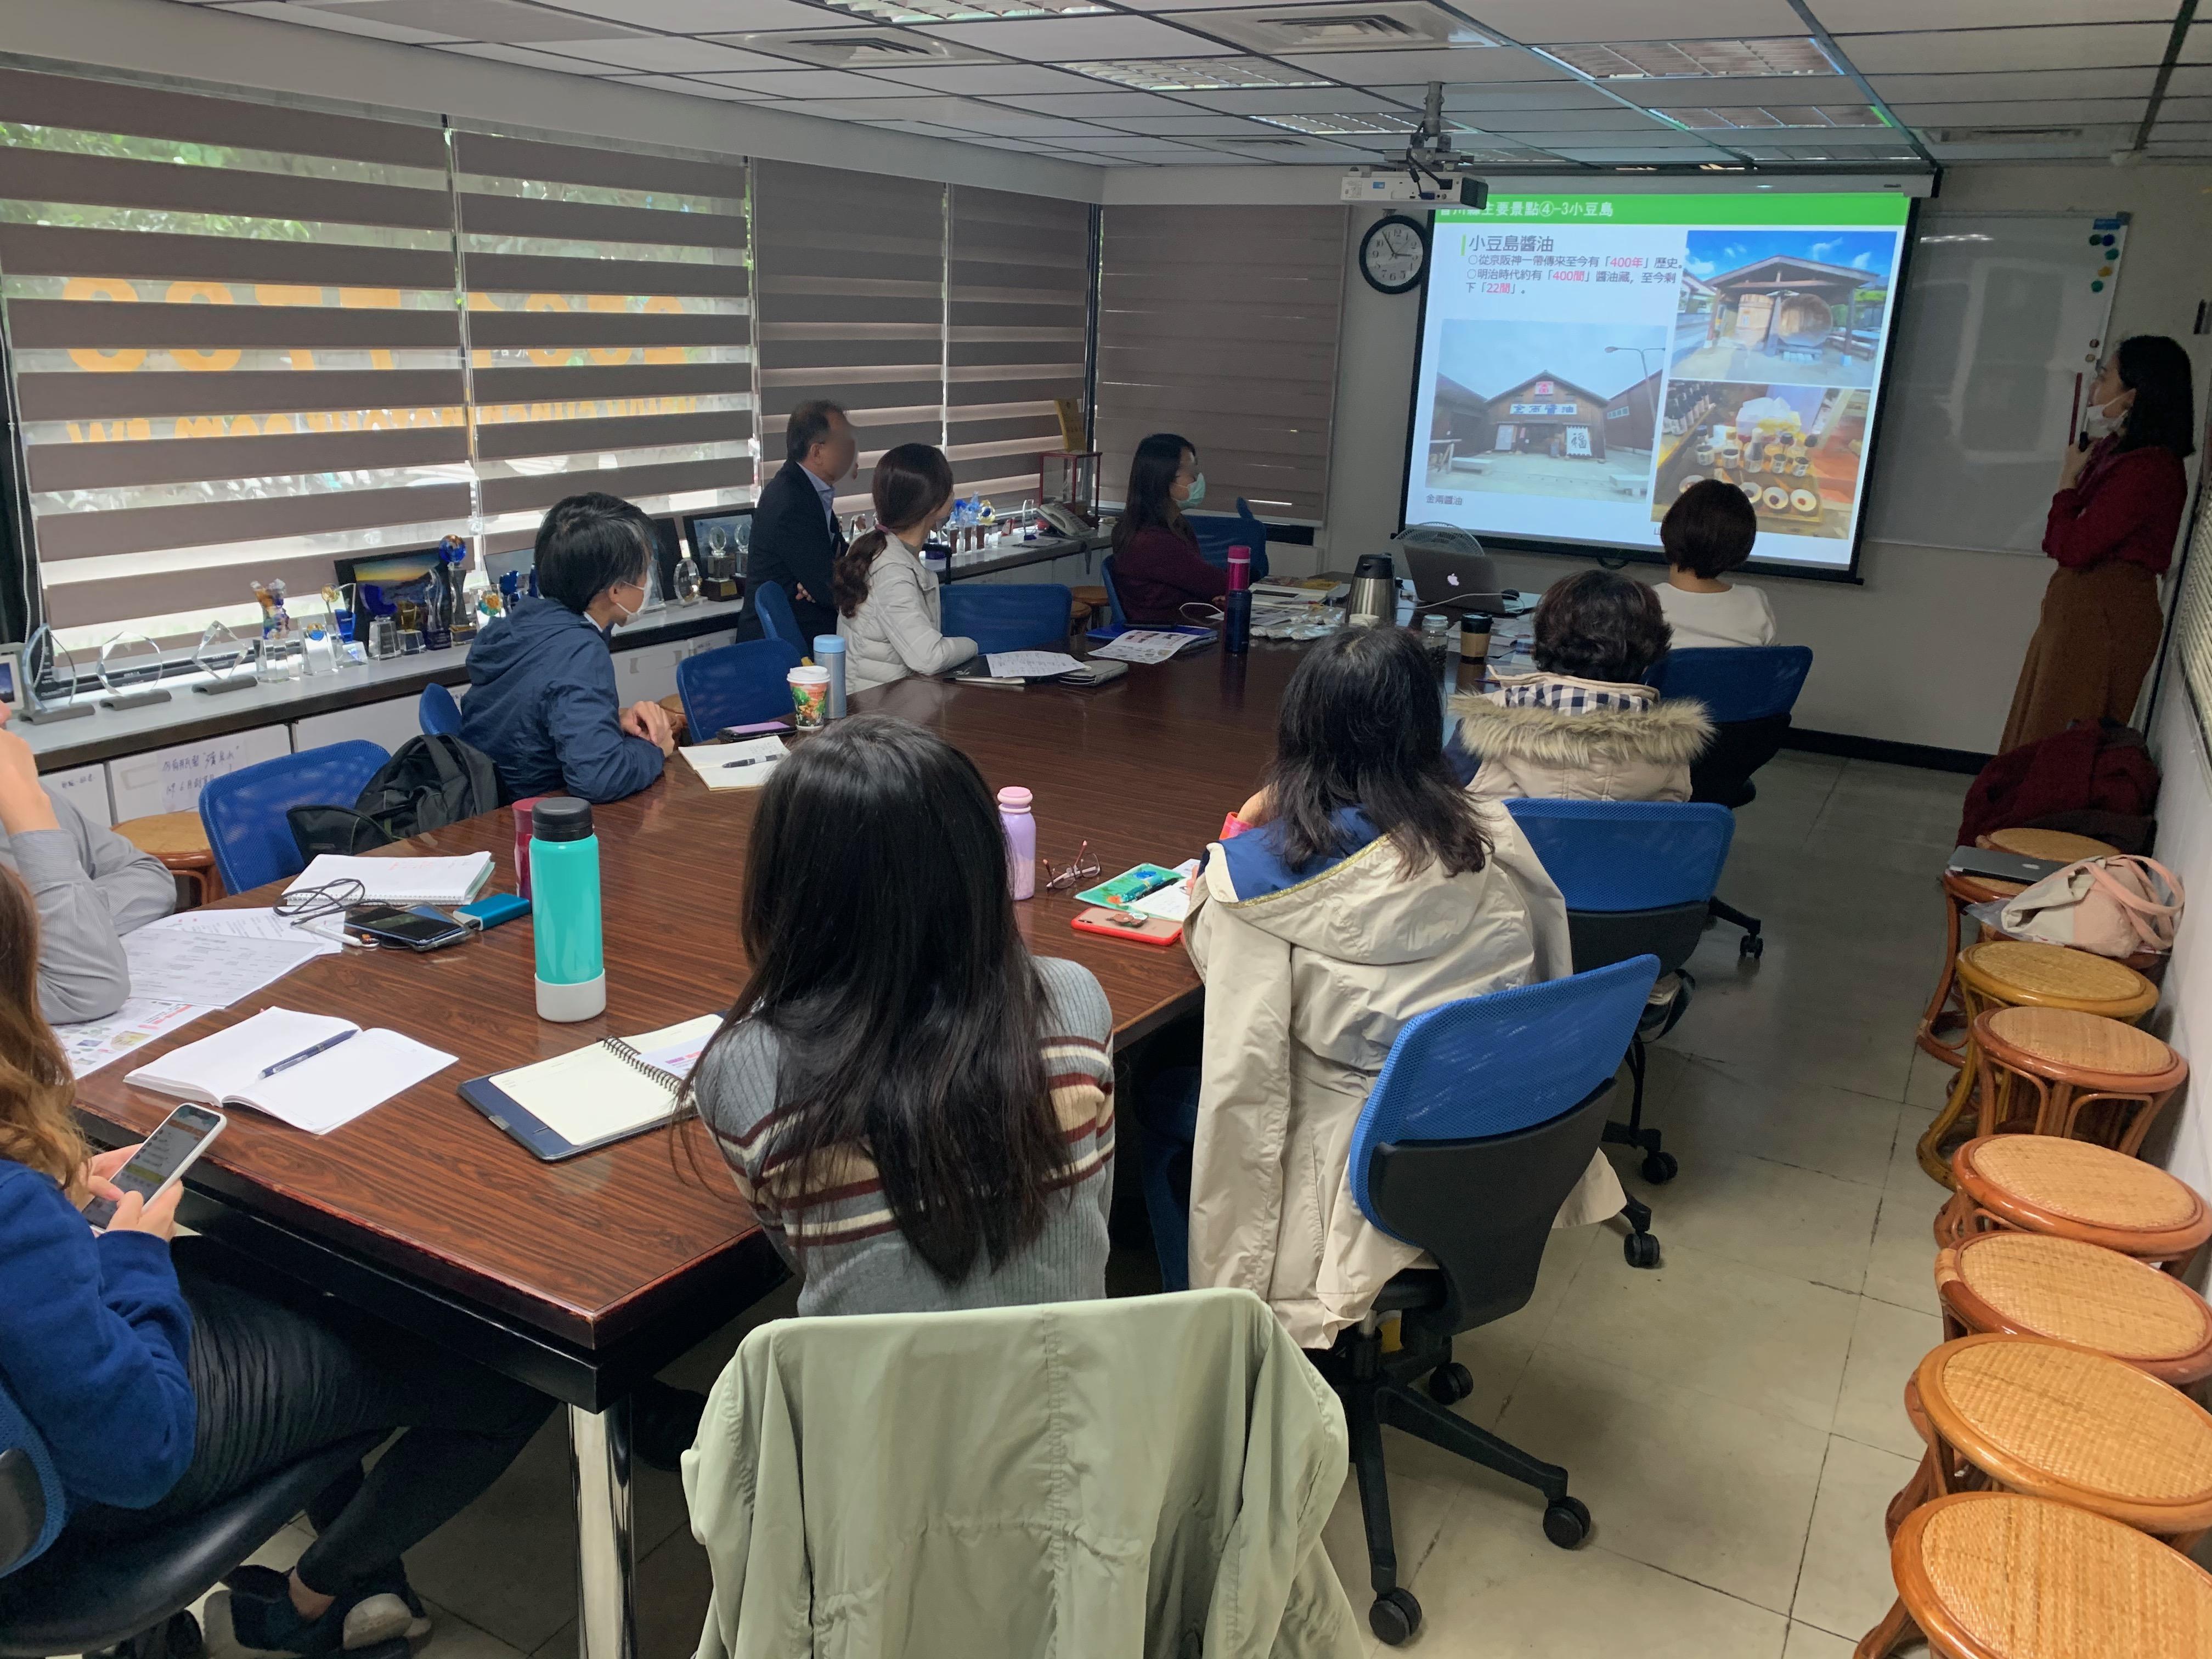 台湾旅行会社セールス、香川県レップとしてインバウンド情報を説明